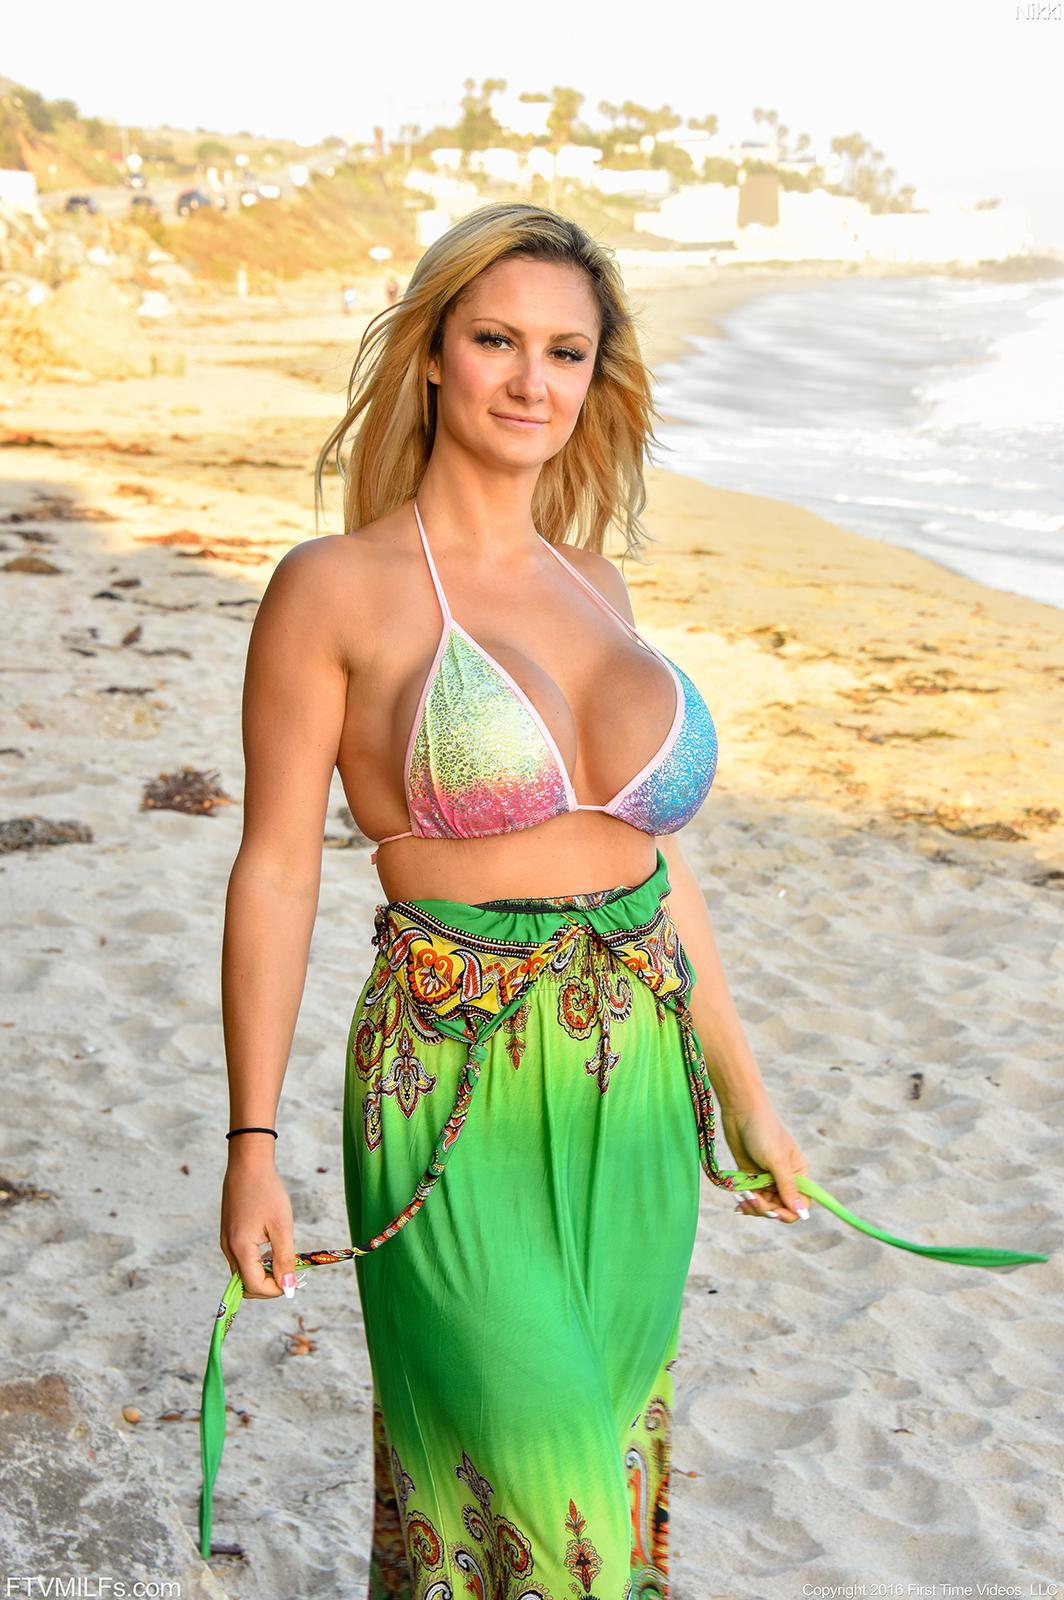 Bikini hot blonde busty